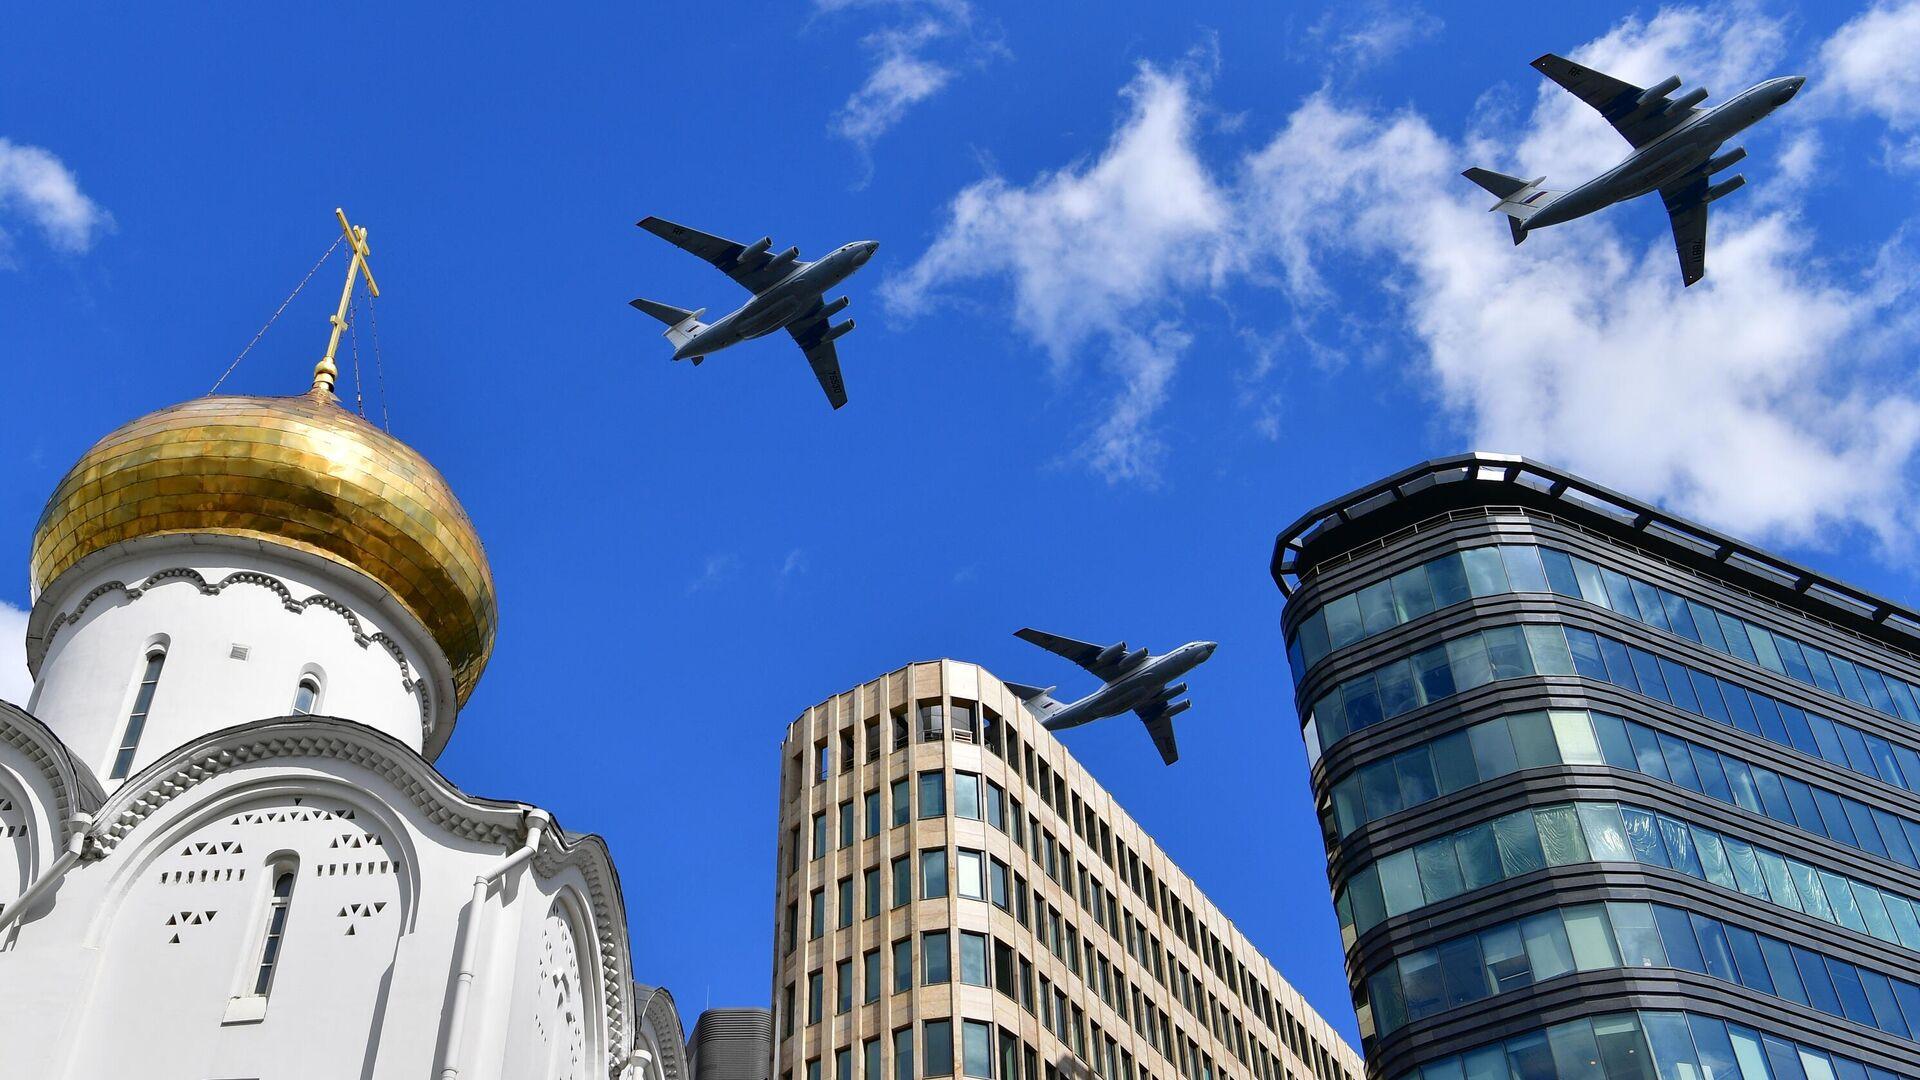 Генеральная репетиция воздушной части парада Победы в Москве - РИА Новости, 1920, 16.05.2021